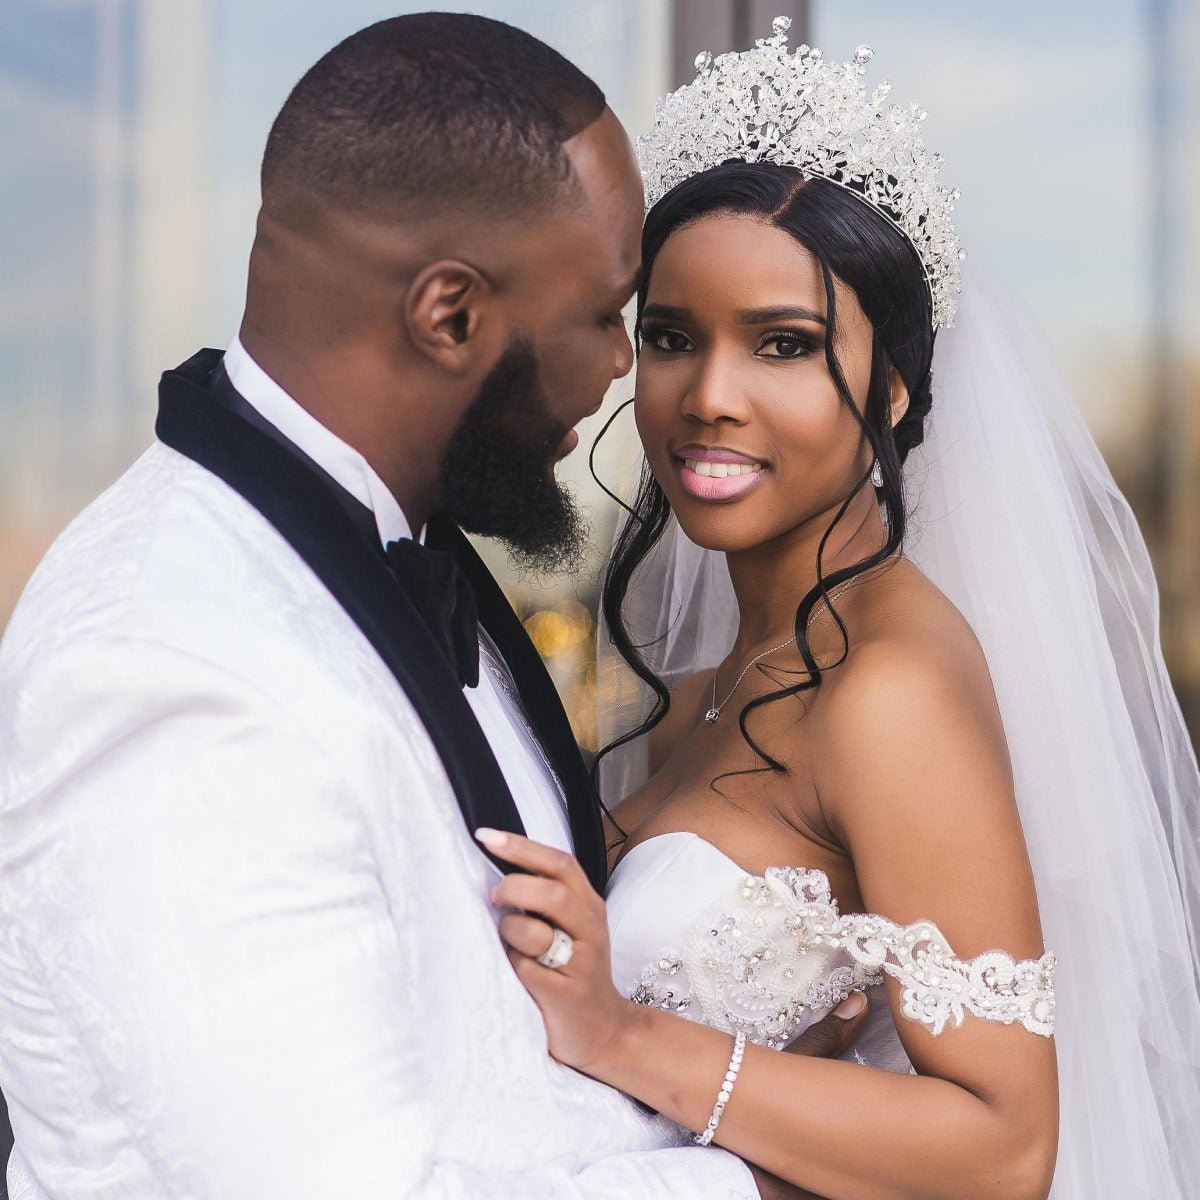 Bridal Bliss: AK and Tida's Fairytale Wedding Felt Like A Dream